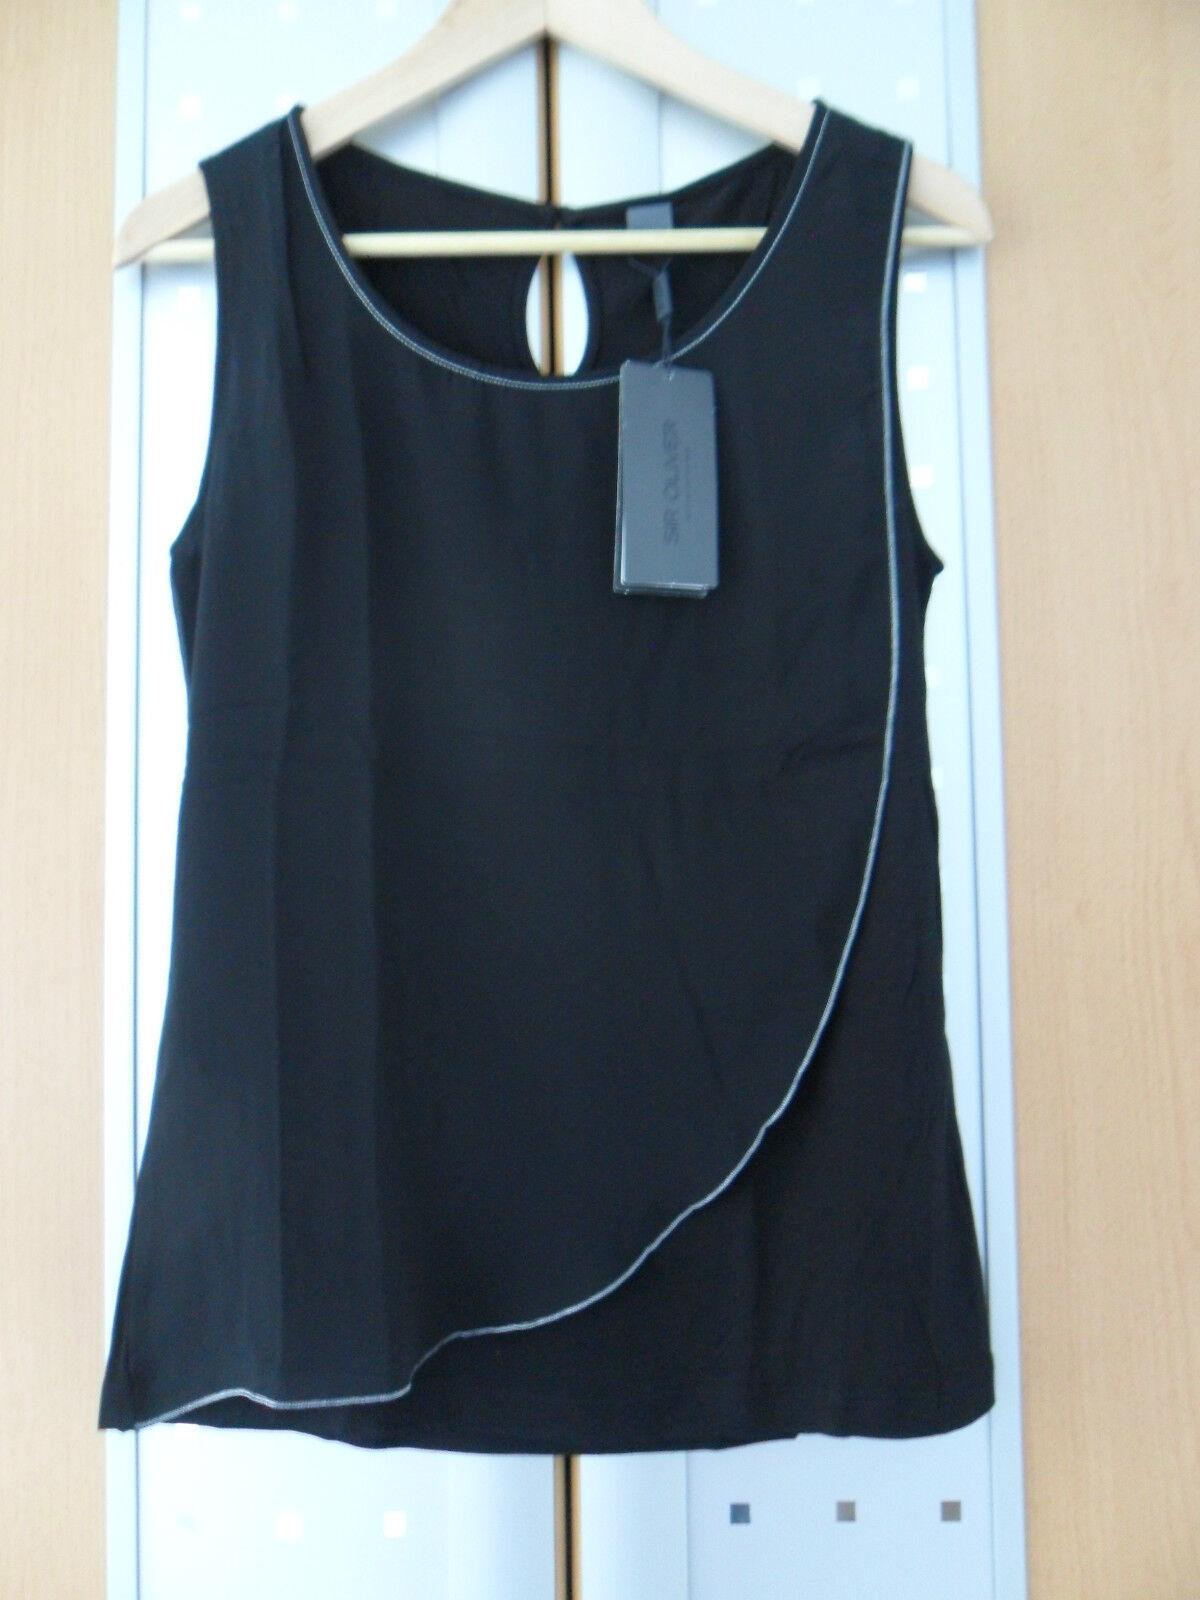 Top, Trägershirt, Blausentop, schwarz, Schwarz, Gr. 34, S.OLIVER, NEU mit Etikett